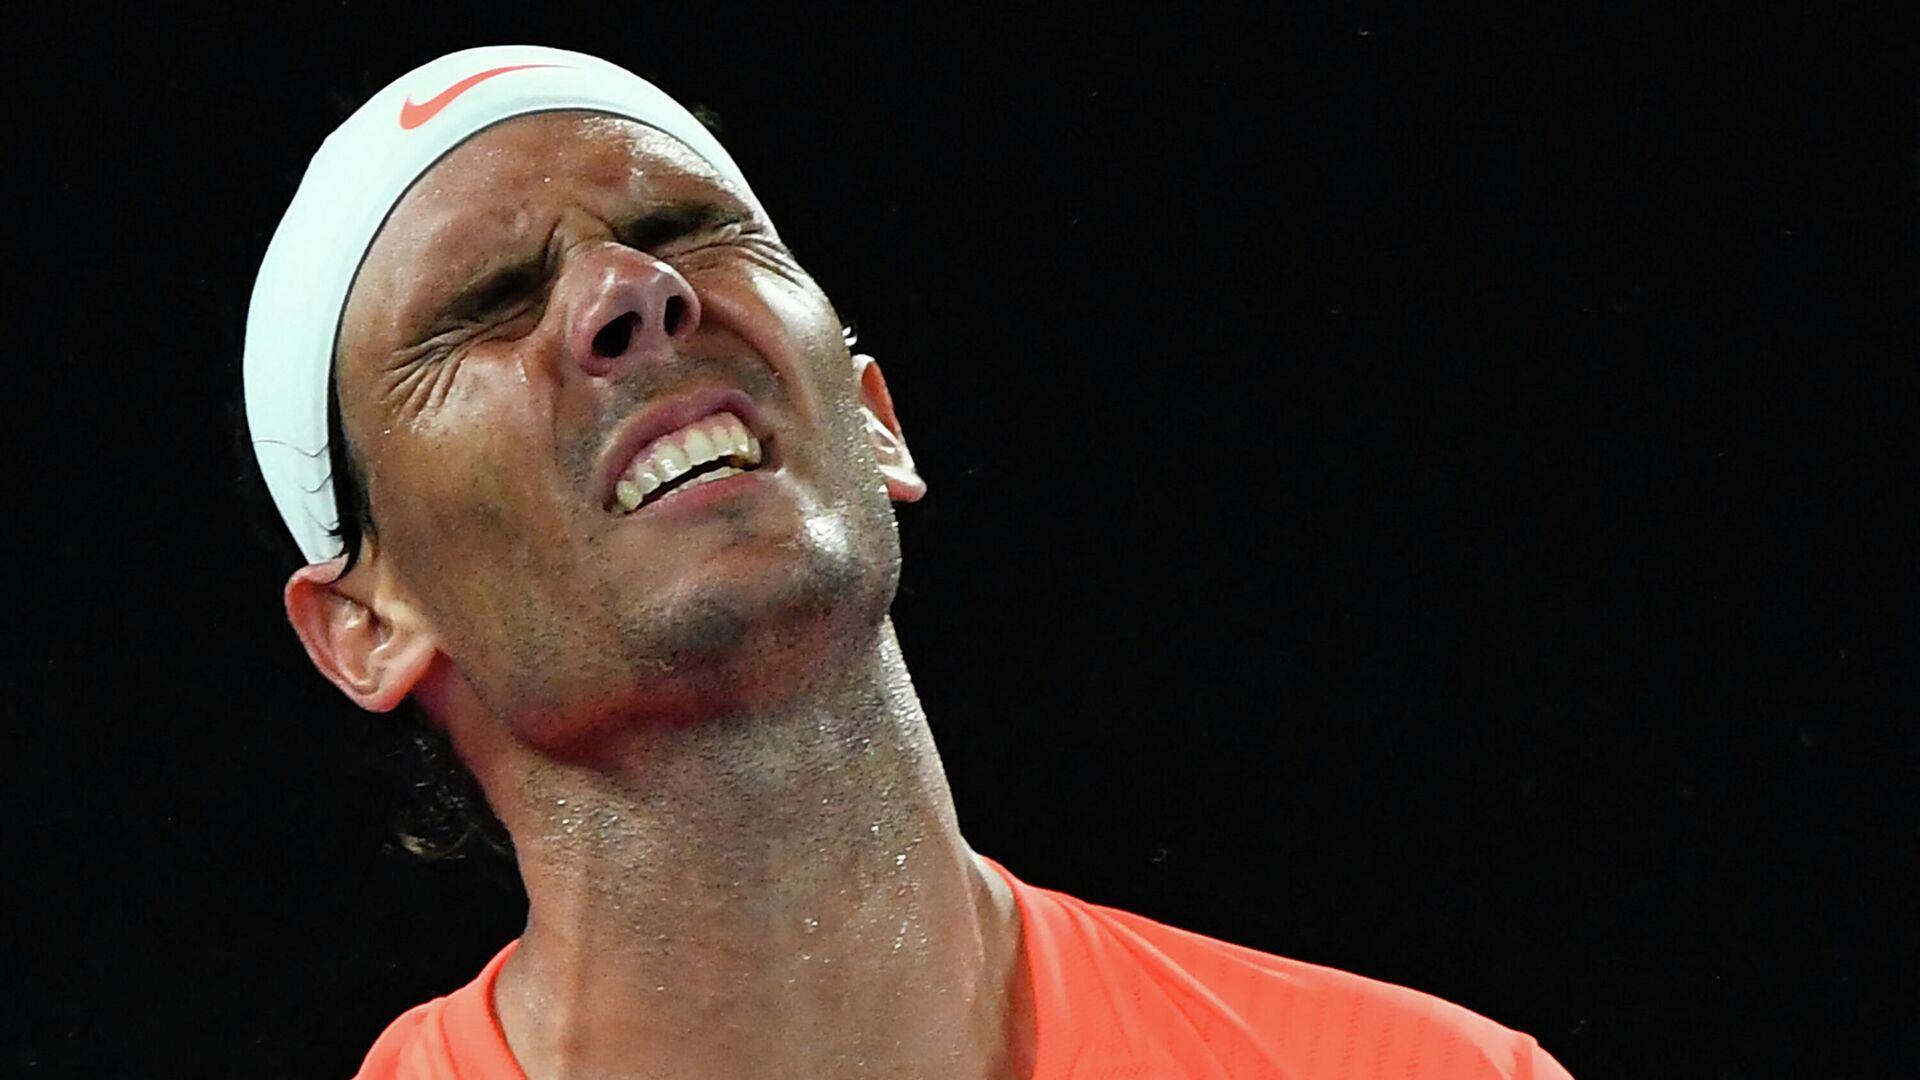 Rafael Nadal en los cuartos de final de Australia 2021 - Sputnik Mundo, 1920, 17.02.2021